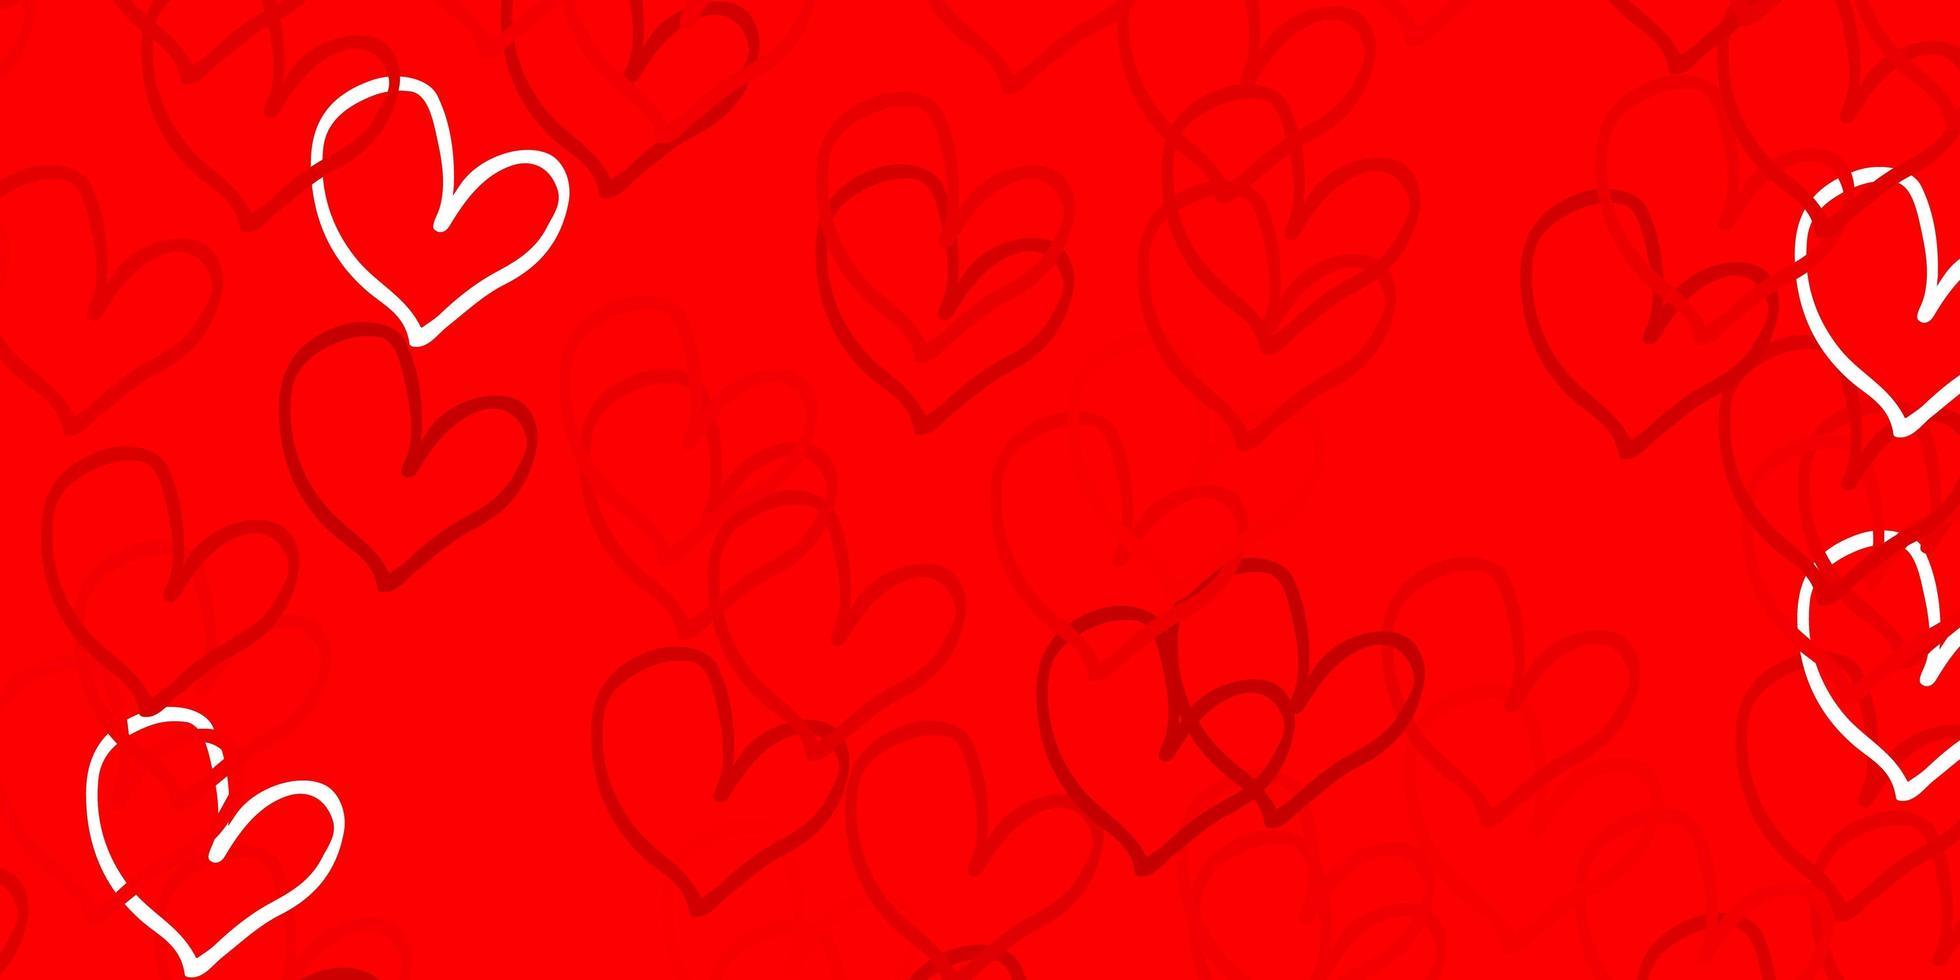 hellroter Vektorhintergrund mit Herzen. vektor